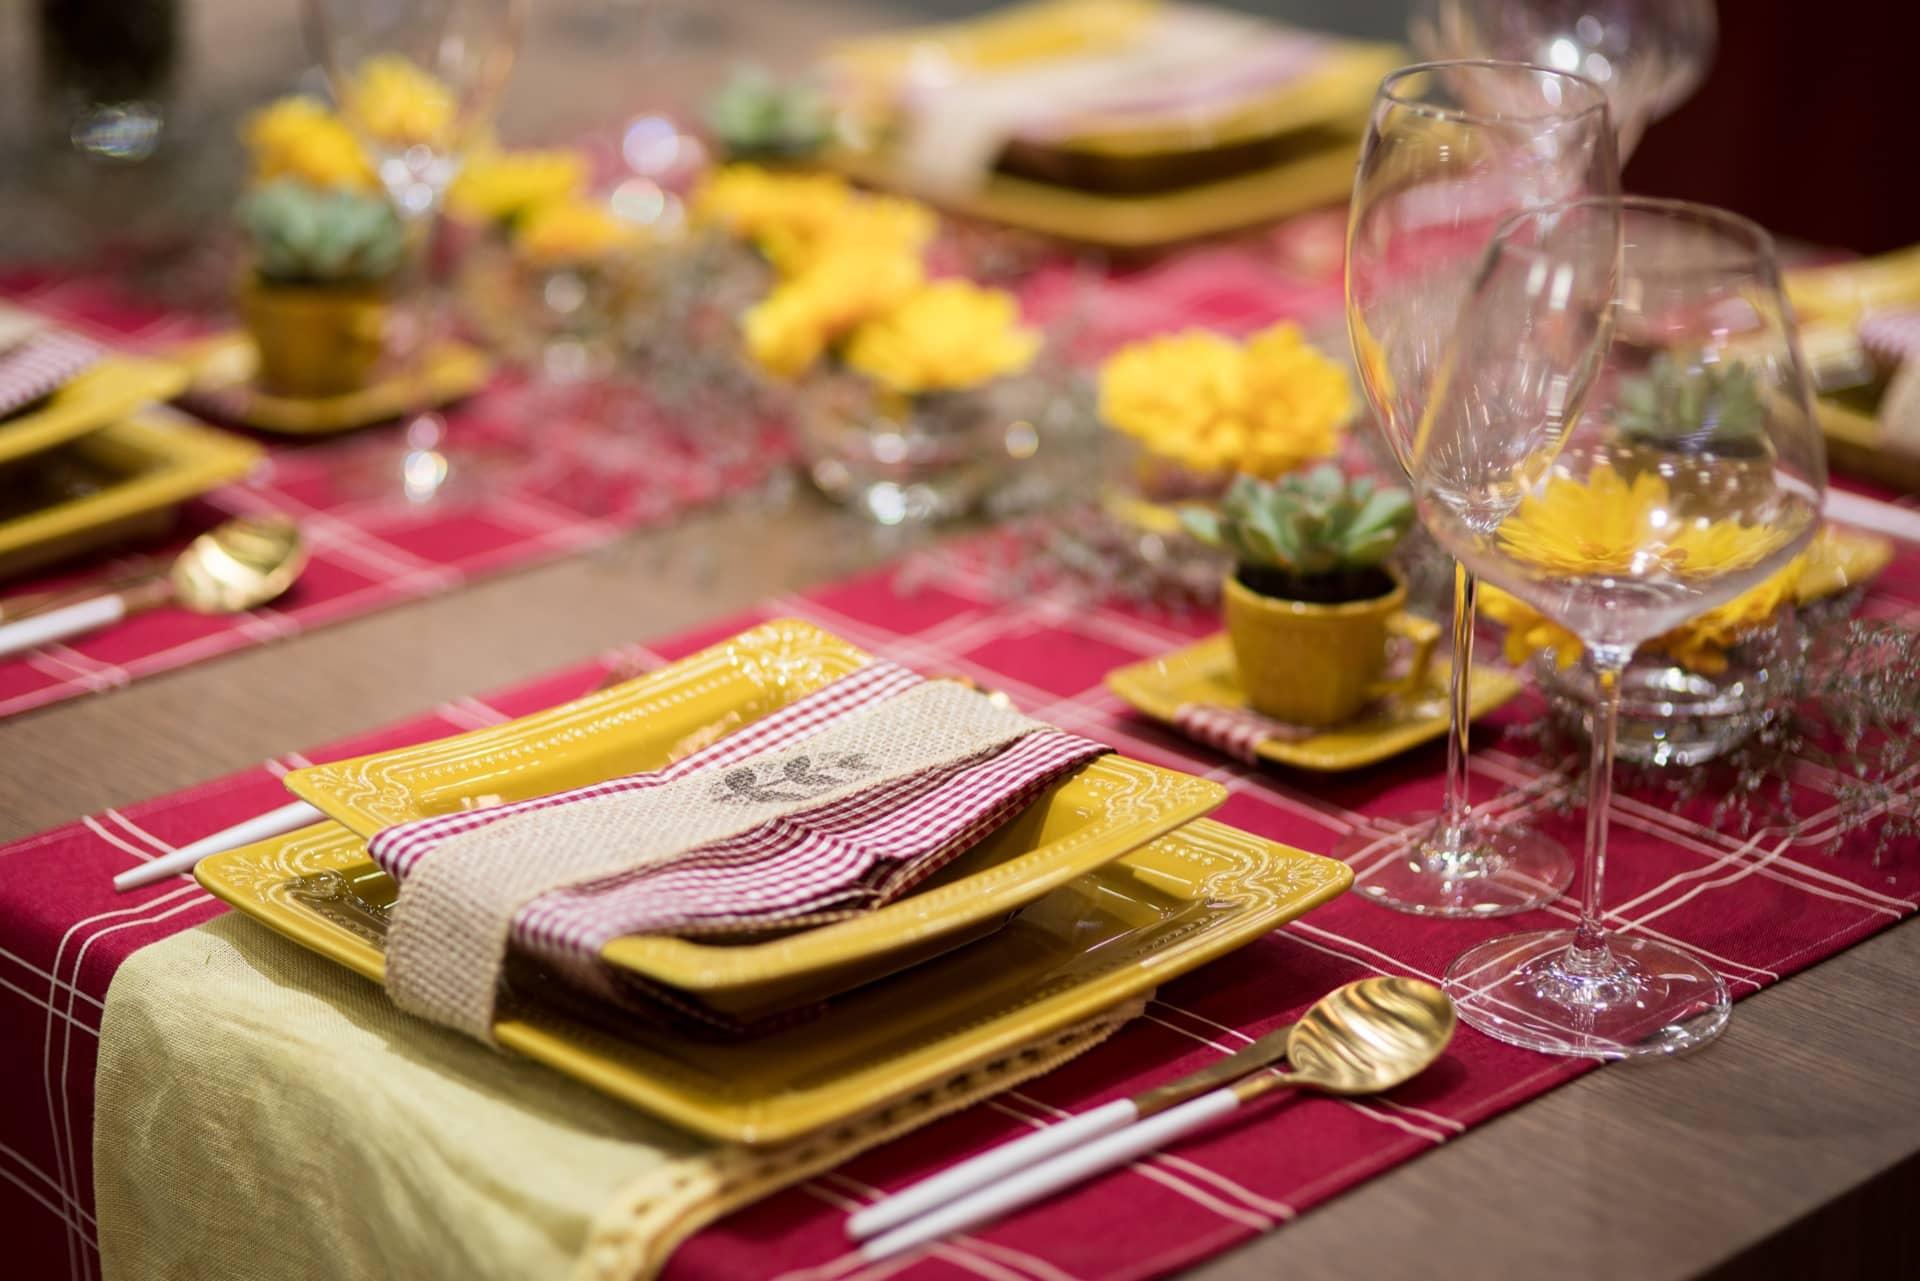 Caminhos de mesa e guardanapos em xadrez vermelho e branco contrastam com o amarelo da porcelana e dão um ar campestre à mesa. Os pratos são da linha Provence, da Oxford. Taças de cristal Athenas Classic, da Oxford Alumina Crystal. Foto: Henrique Peron